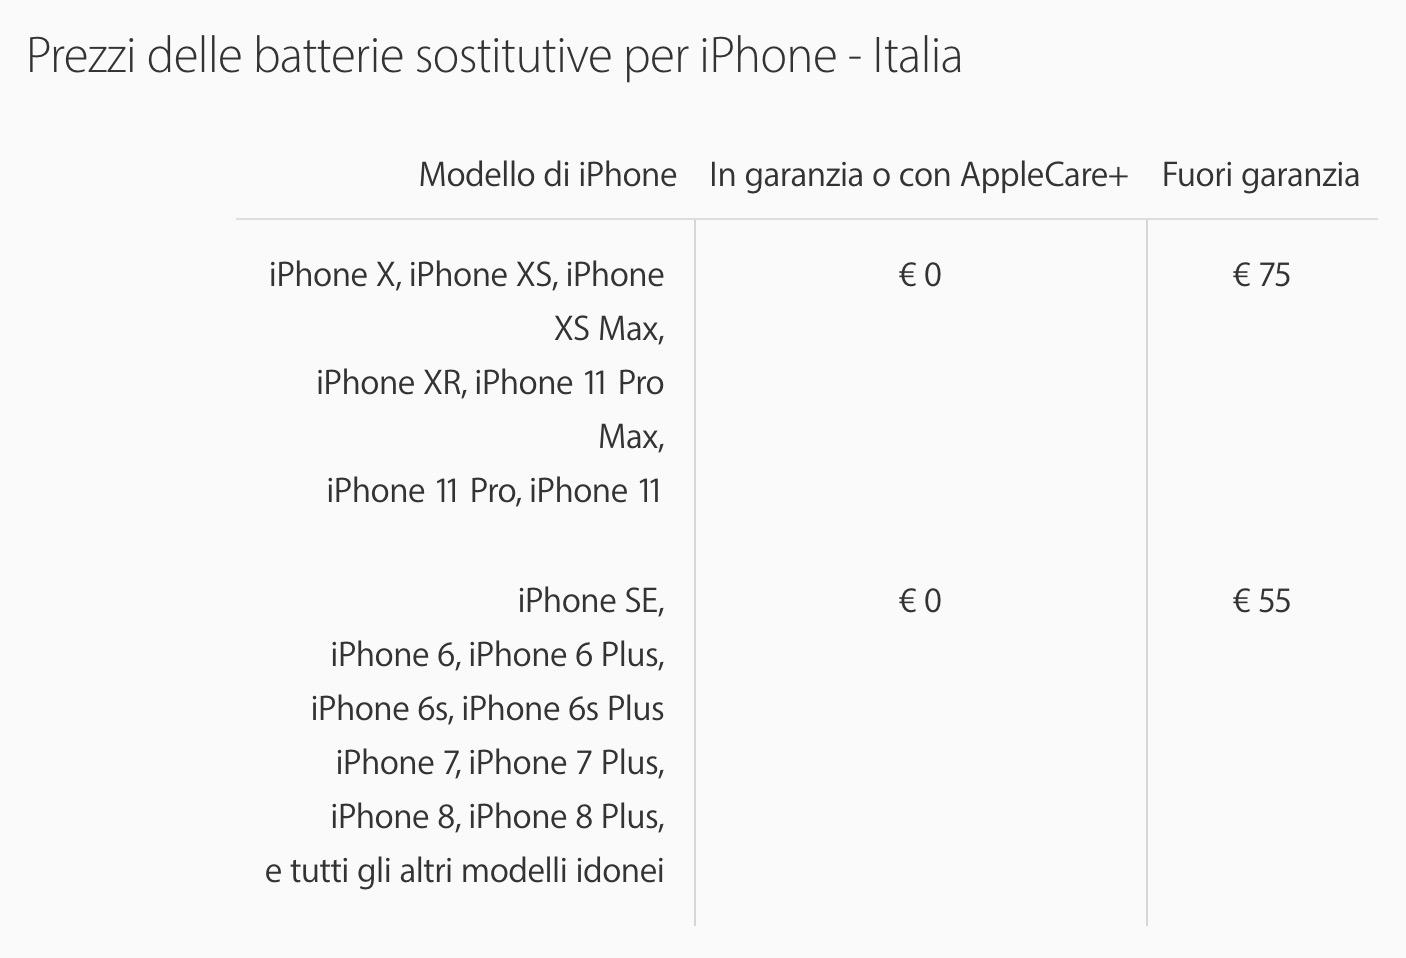 Costi per la sostituzione della batteria di iPhone in Italia